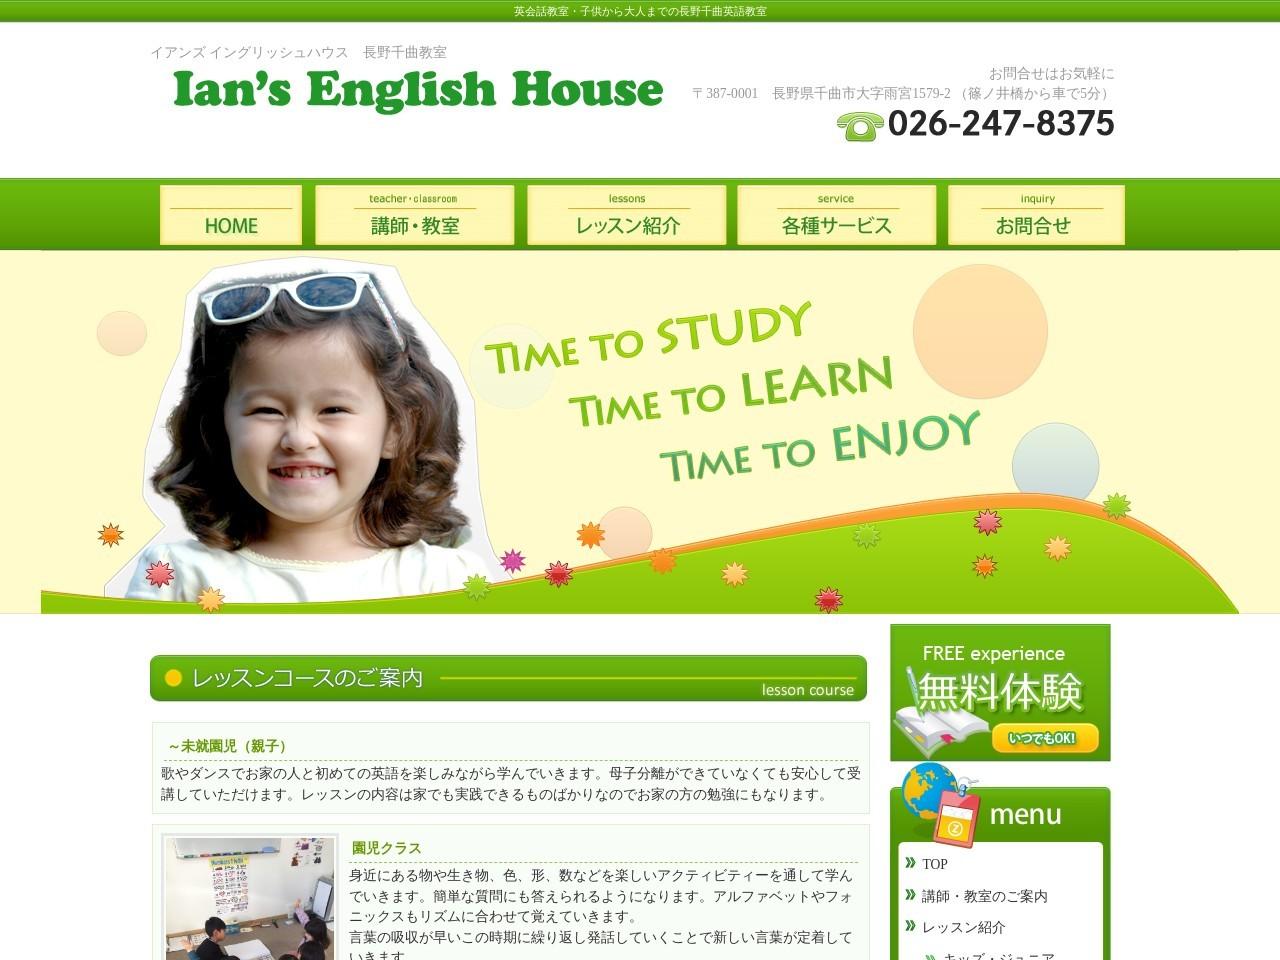 英会話教室イアンズイングリッシュハウス